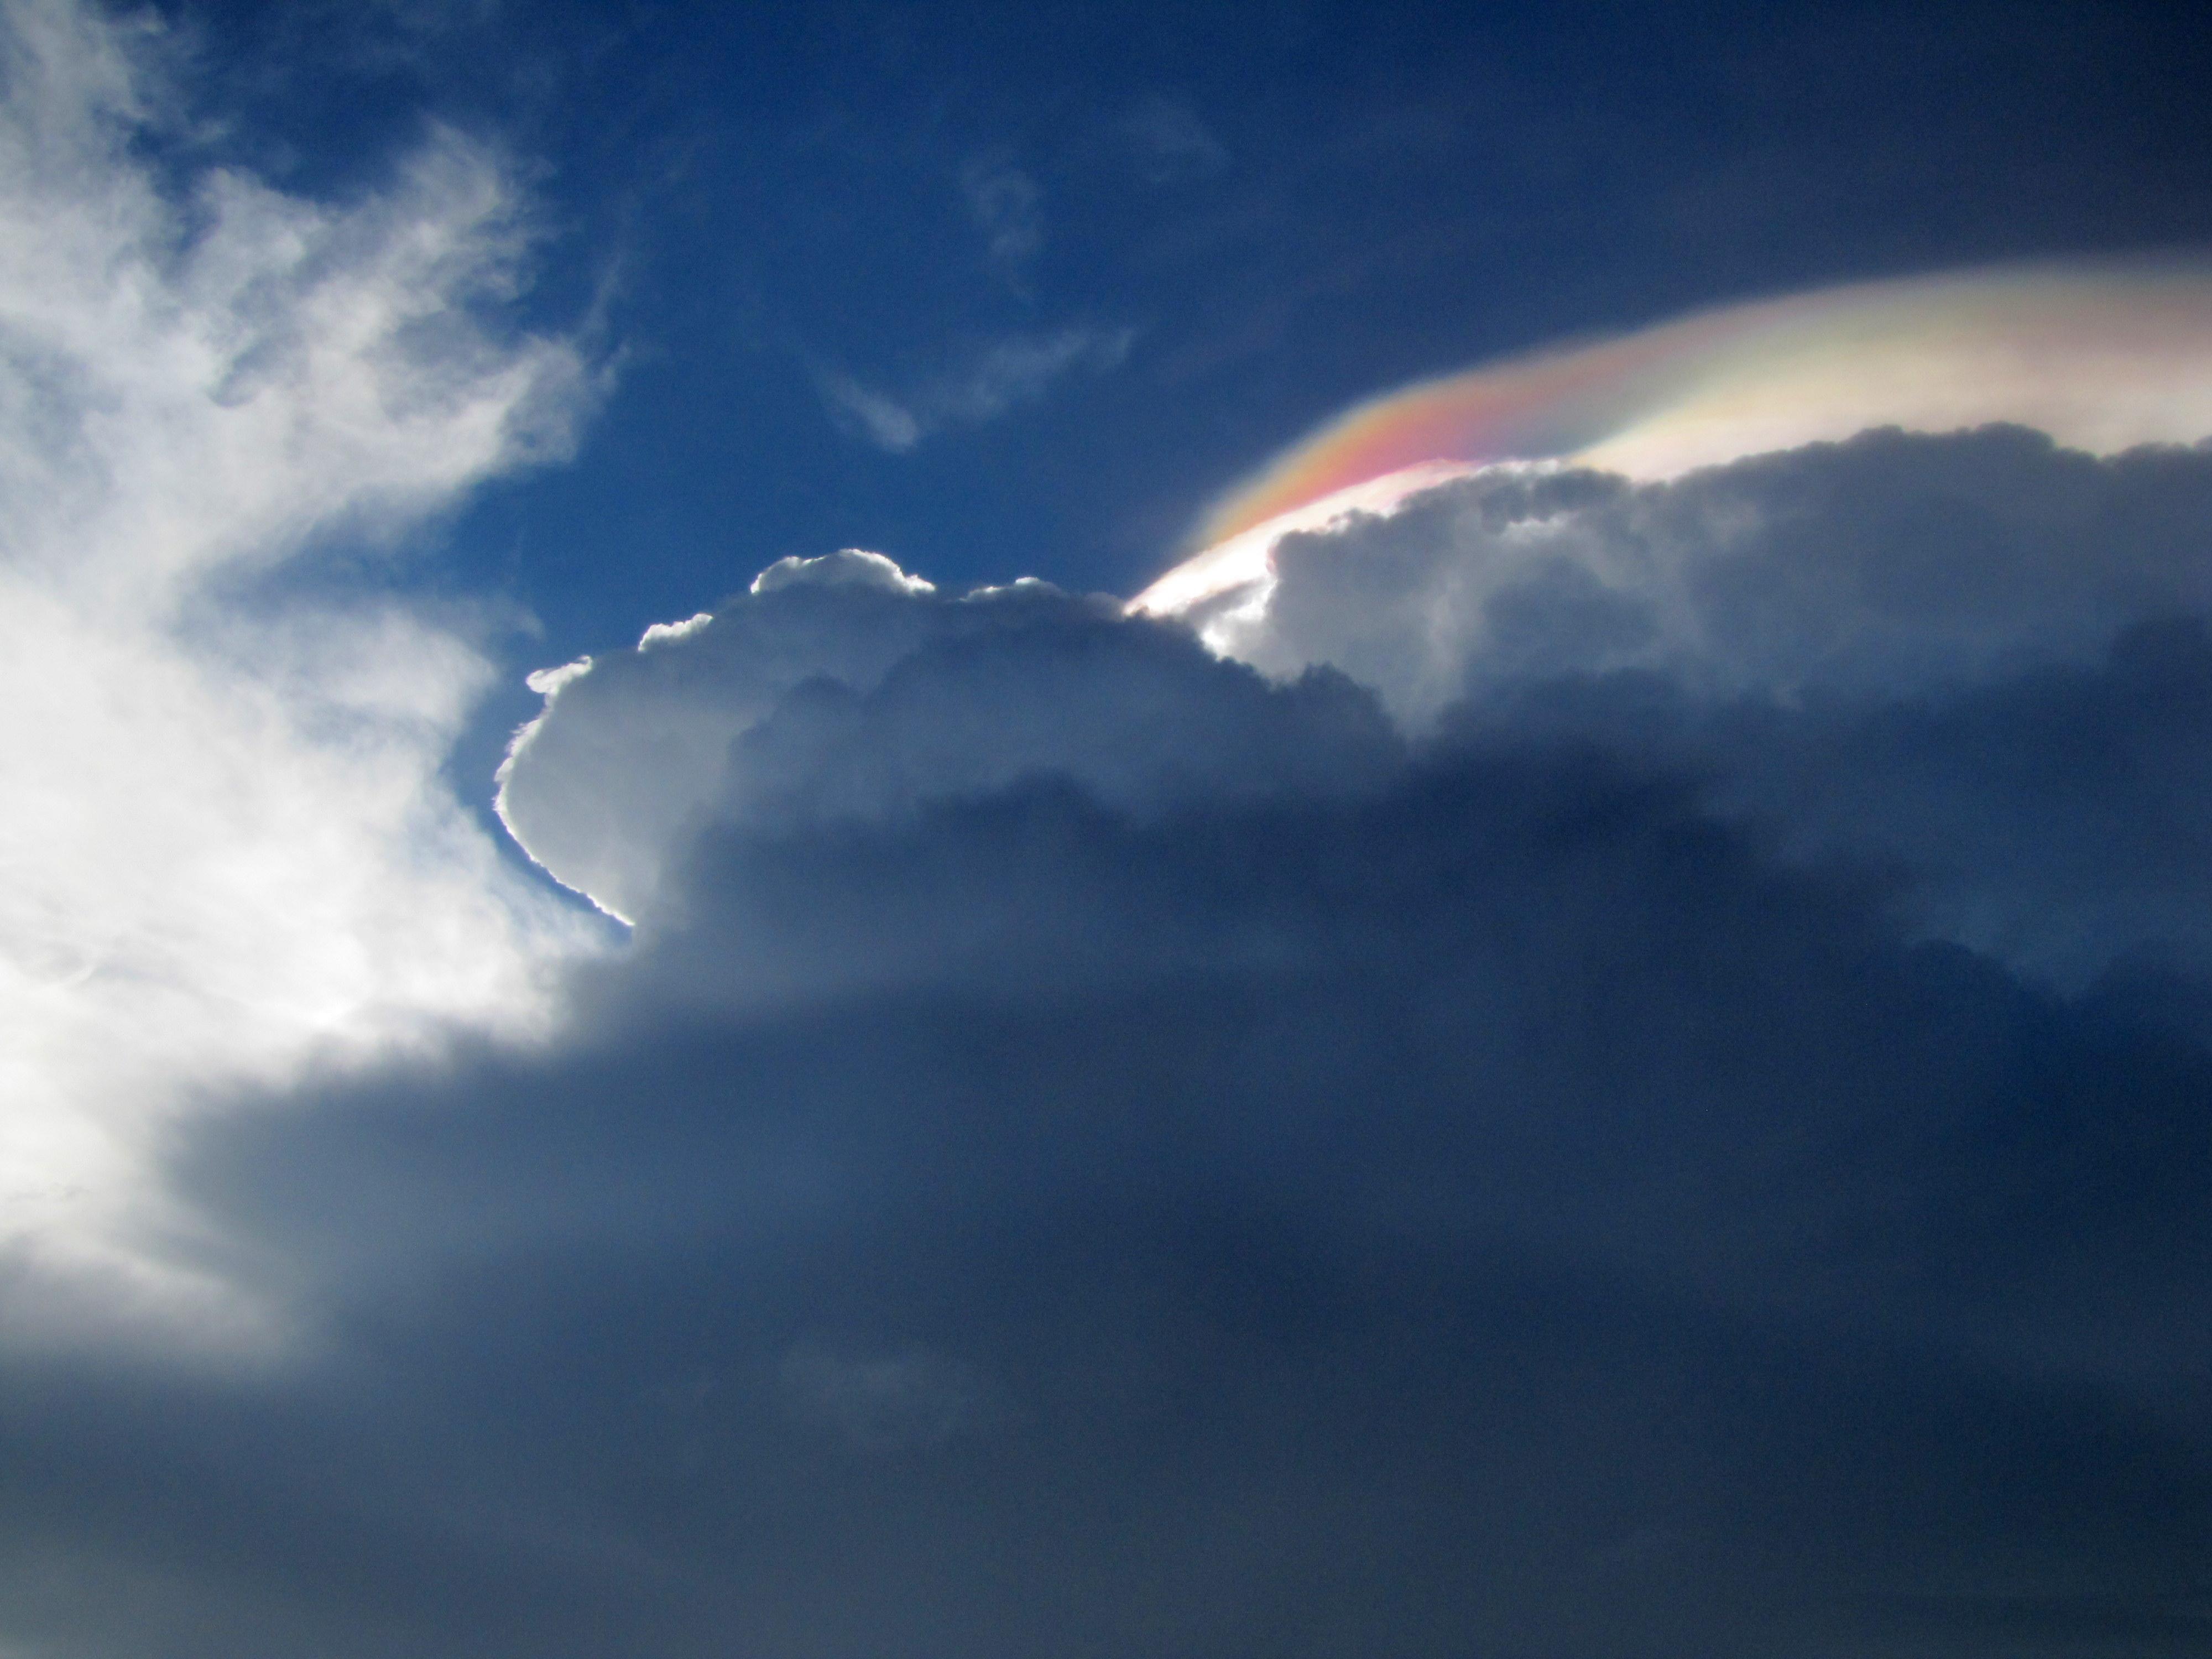 Iridescent Clouds Florida Photos an Iridescent Cloud